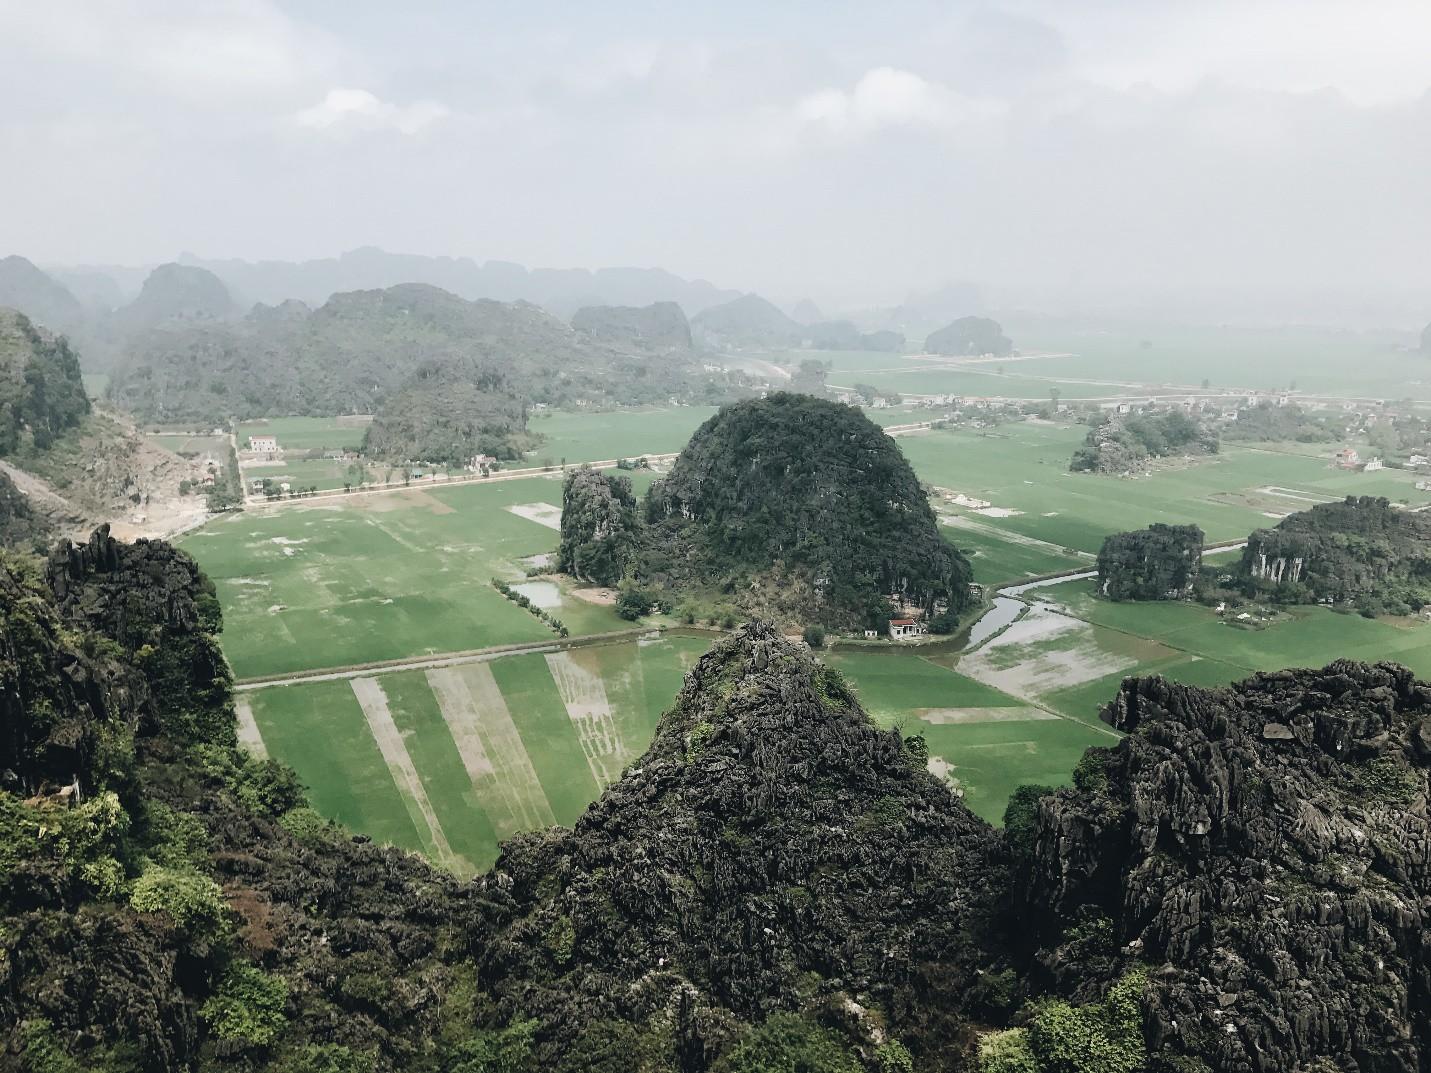 Tọa độ check-in hot nhất ở Ninh Bình: Hùng vĩ và ảo diệu không thua gì cảnh phim cổ trang - Ảnh 1.